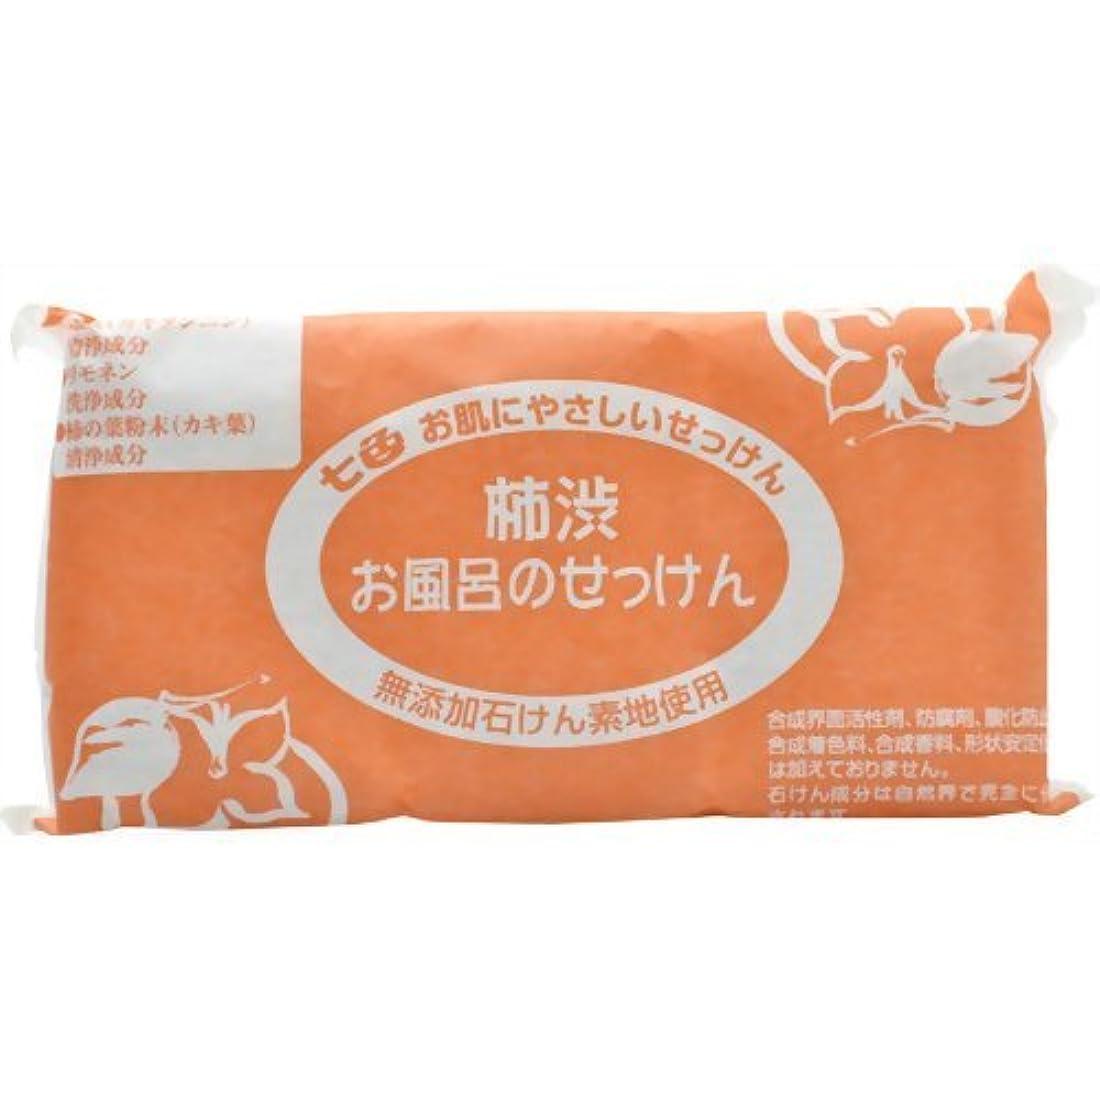 分離床を掃除する移動七色 お風呂のせっけん 柿渋(無添加石鹸) 100g×3個入